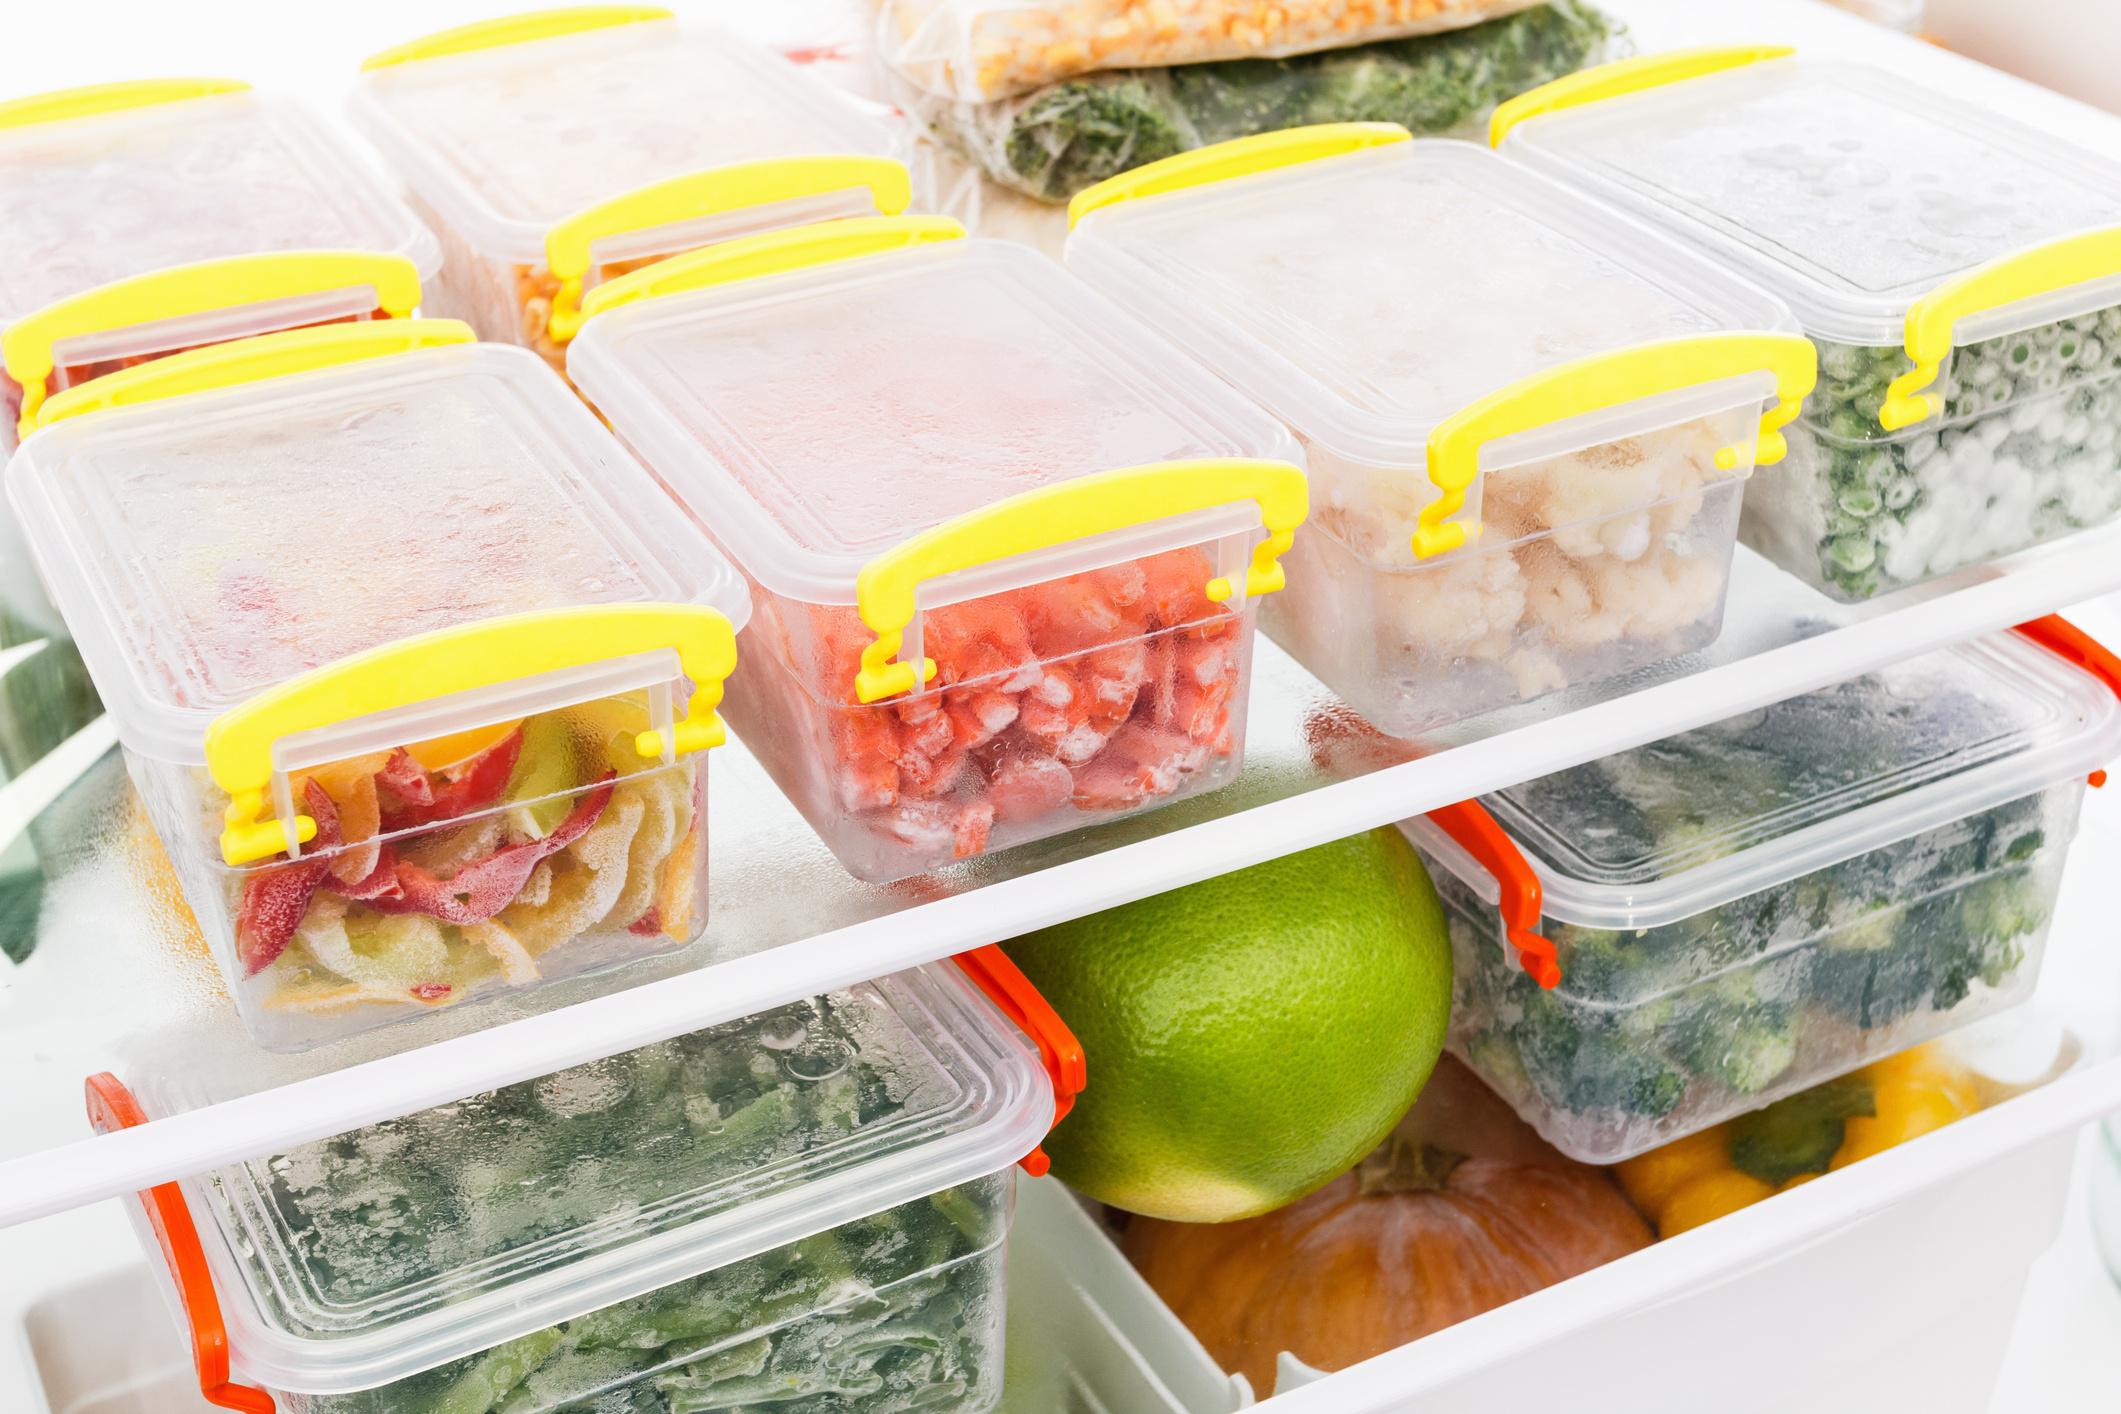 Fogyás hűtőszekrény. 9 konyhai tipp, hogy könnyebb legyen fogyni